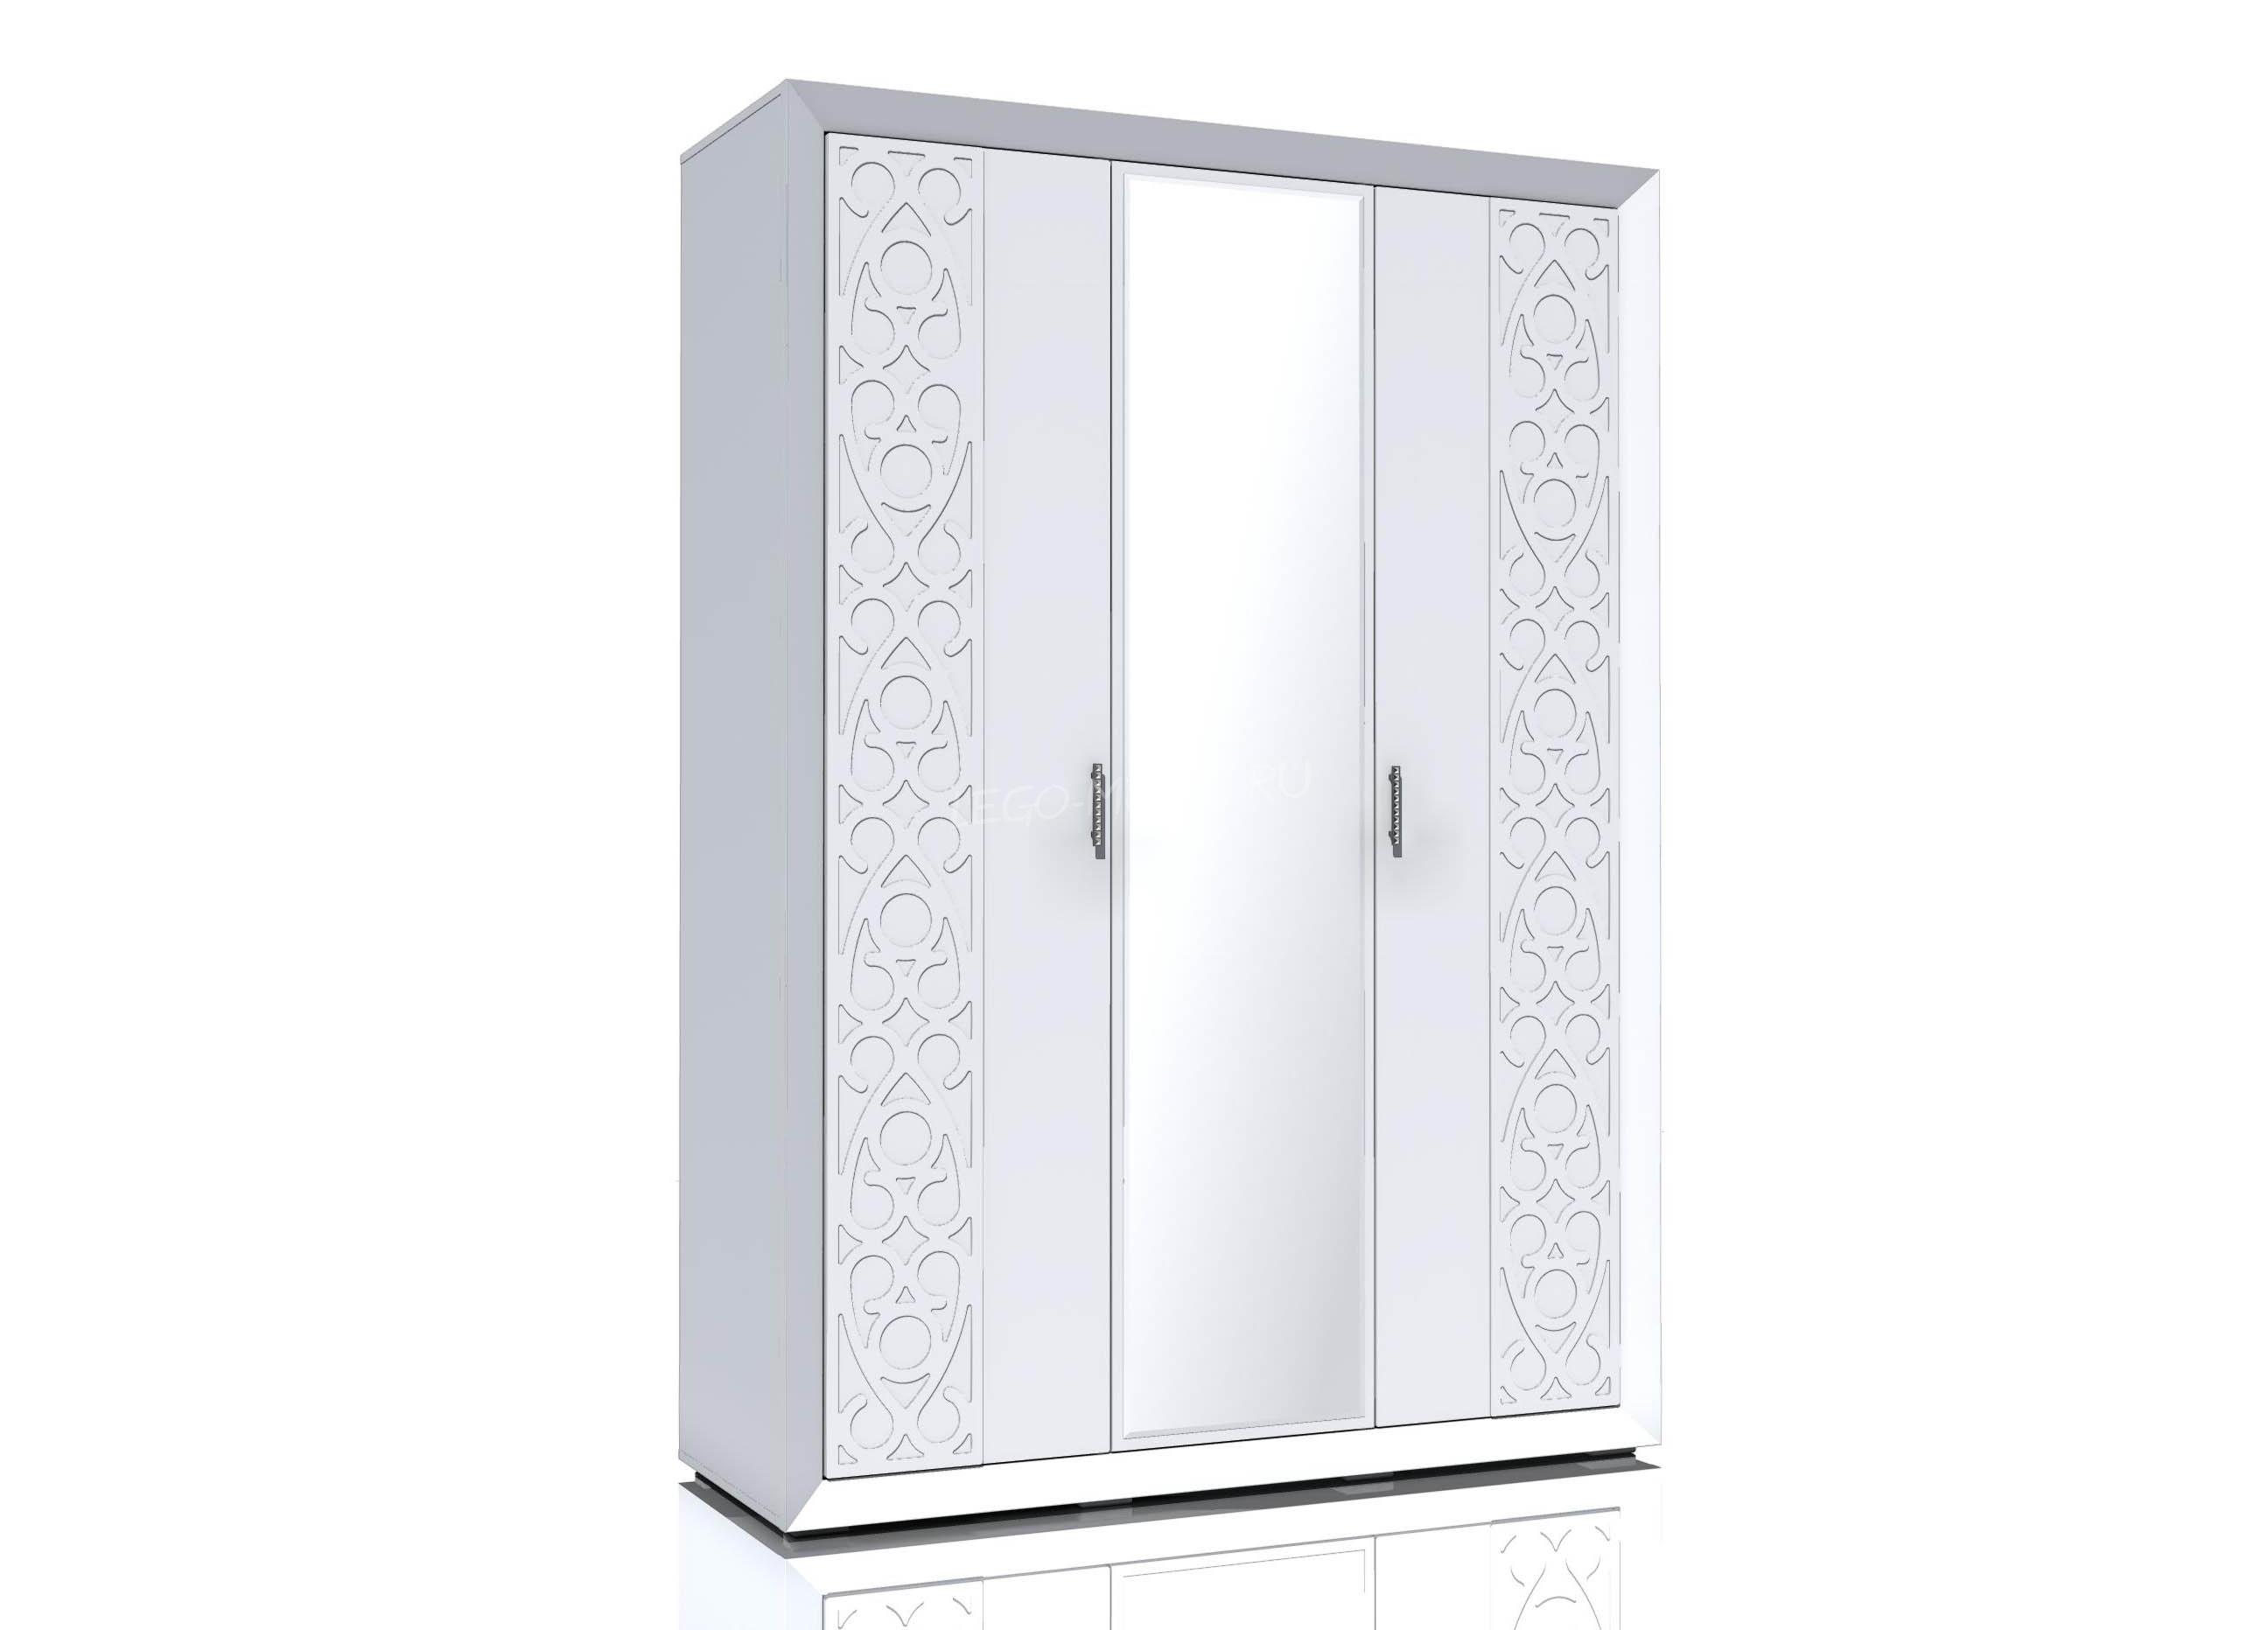 Адель Шкаф для одежды НМ 014.69-01